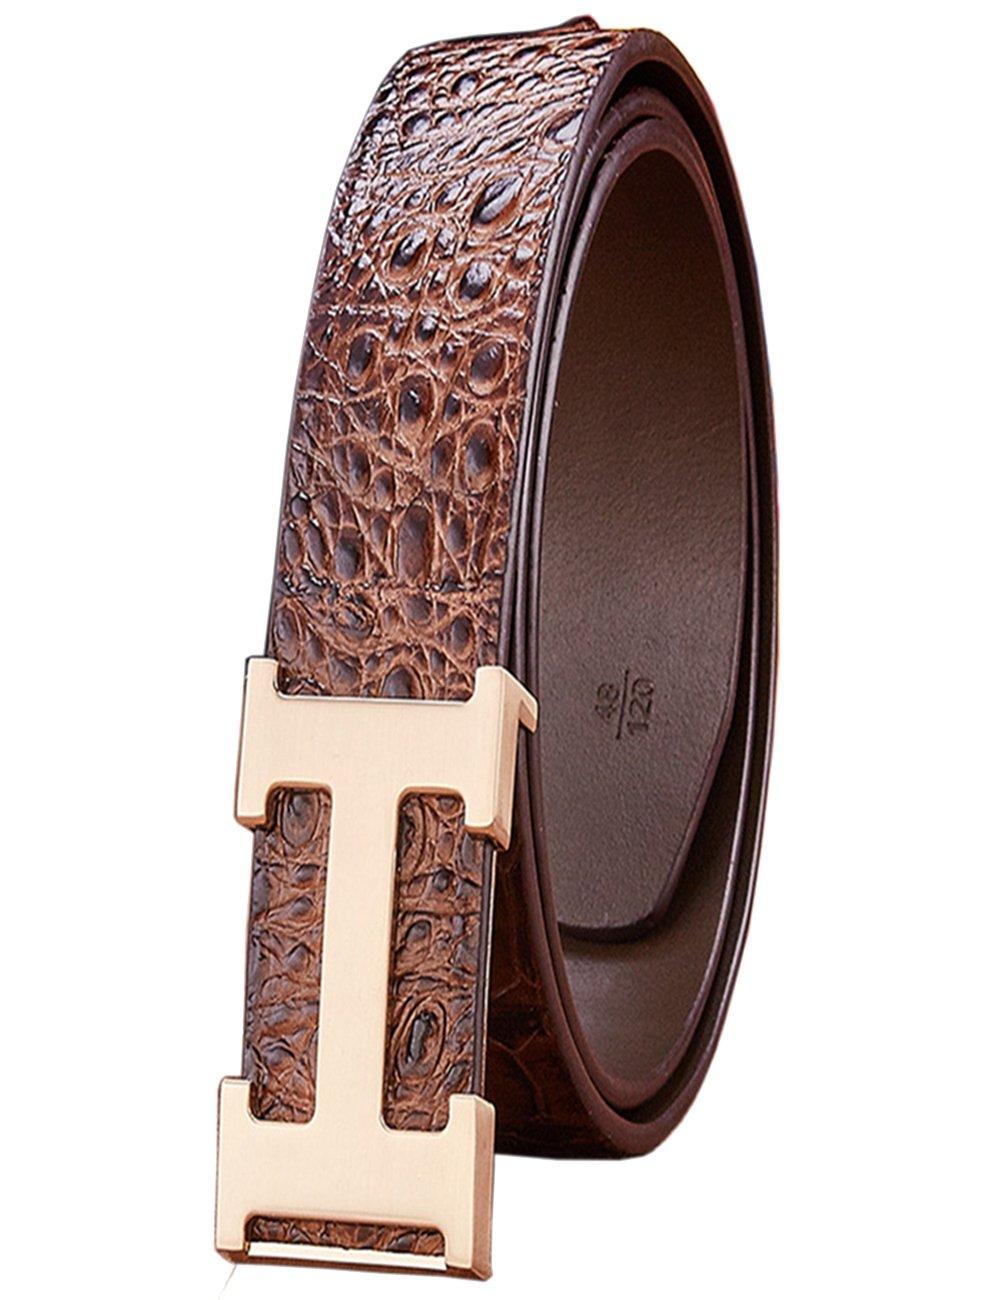 Menschwear Men's Geniune Leather Adjustable Belt with Slide Metal Buckle 38mm Brown